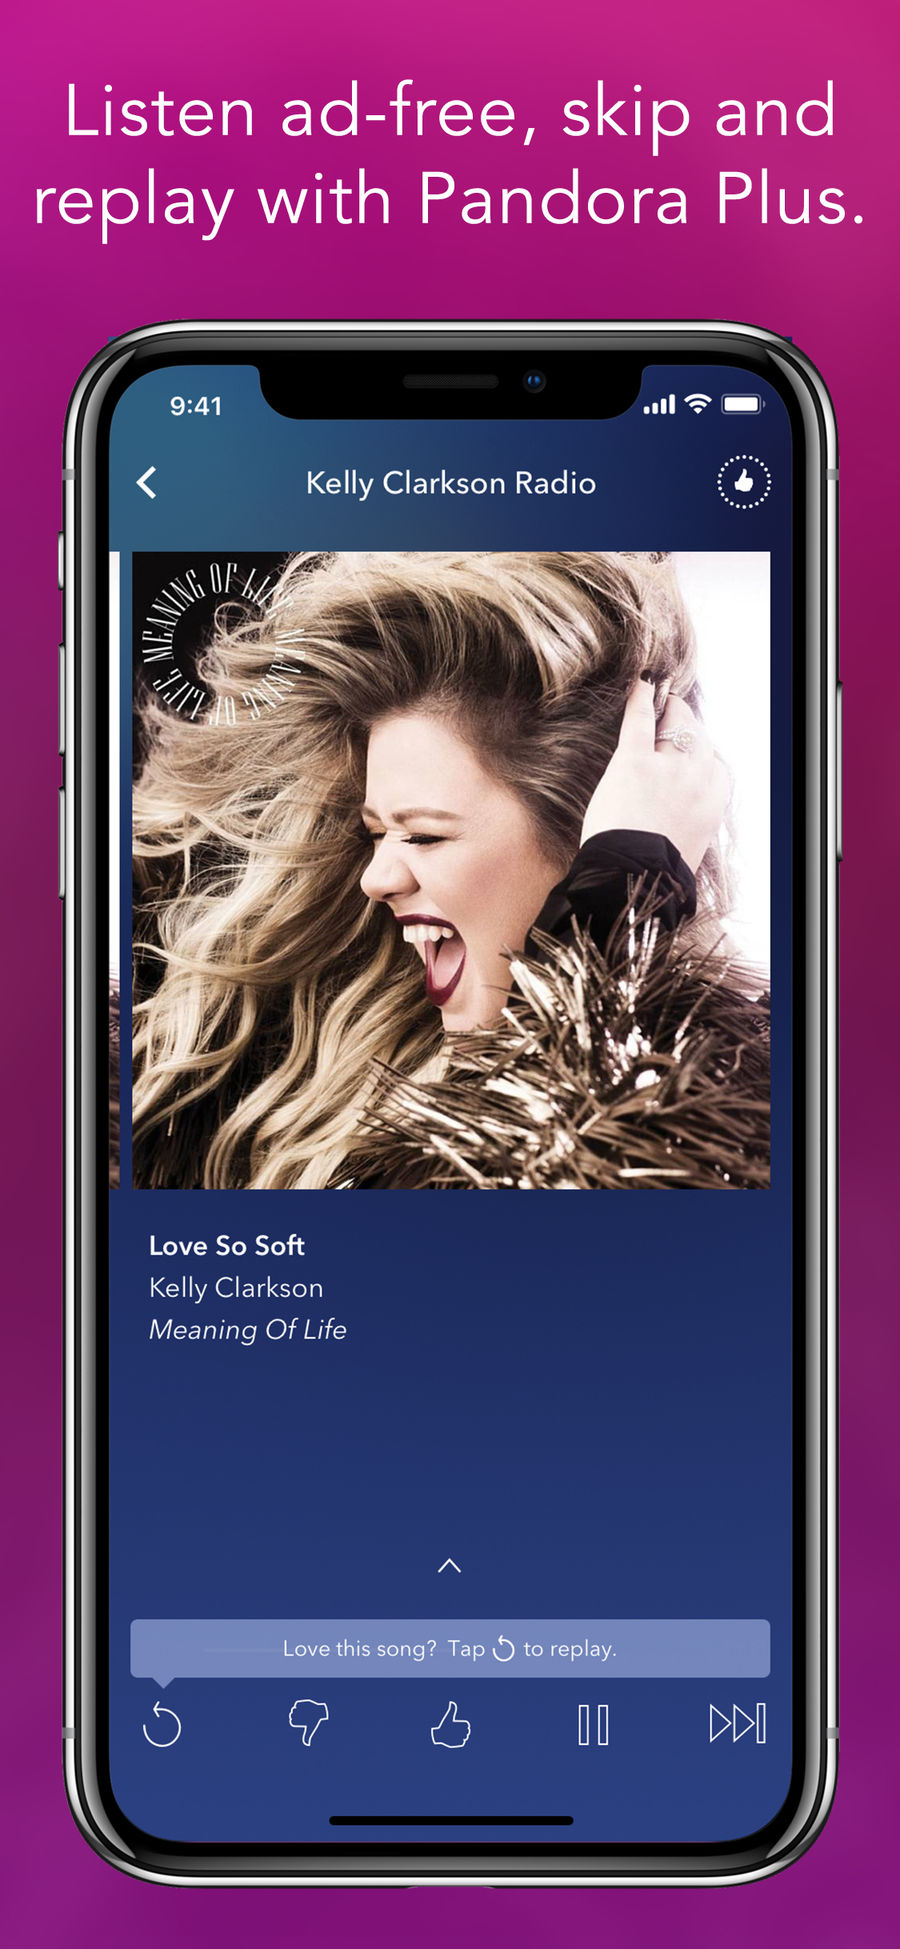 دانلود رایگان برنامه رادیو و موزیک پلیر اینترنتی پاندورا موزیک Pandora Music